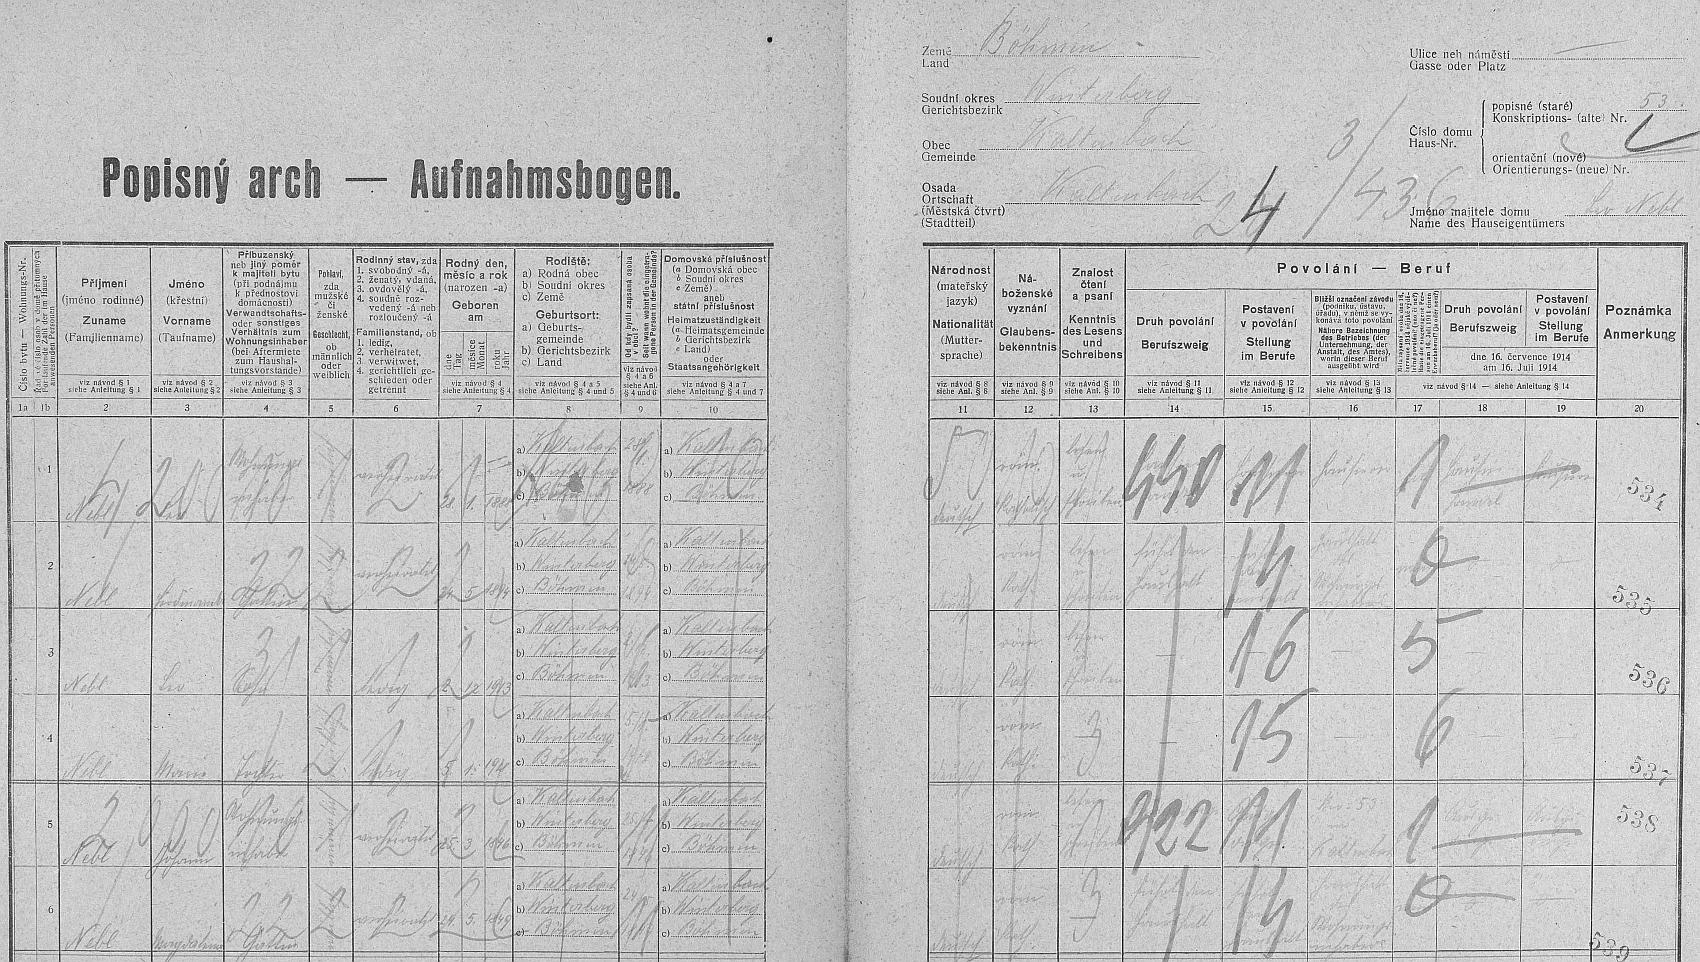 Arch sčítání lidu z roku 1921 pro stavení čp. 53 v Kaltenbachu (v dnešních Nových Hutích má to číslo popisné penzion Tetřívek), kde žil, tehdy devítiletý, se svou tehdy tříletou sestrou Marií (*5. ledna 1918), rodiči a prarodiči z otcovy strany (byli to otec Leo /*28. ledna 1888/, matka Ferdinanda /*24. května 1894/, děd Johann /*25. března 1846/ a babička Magdalena /*15. února 1849/, podle tohoto dokumentu bez výjimky zdejší rodáci)